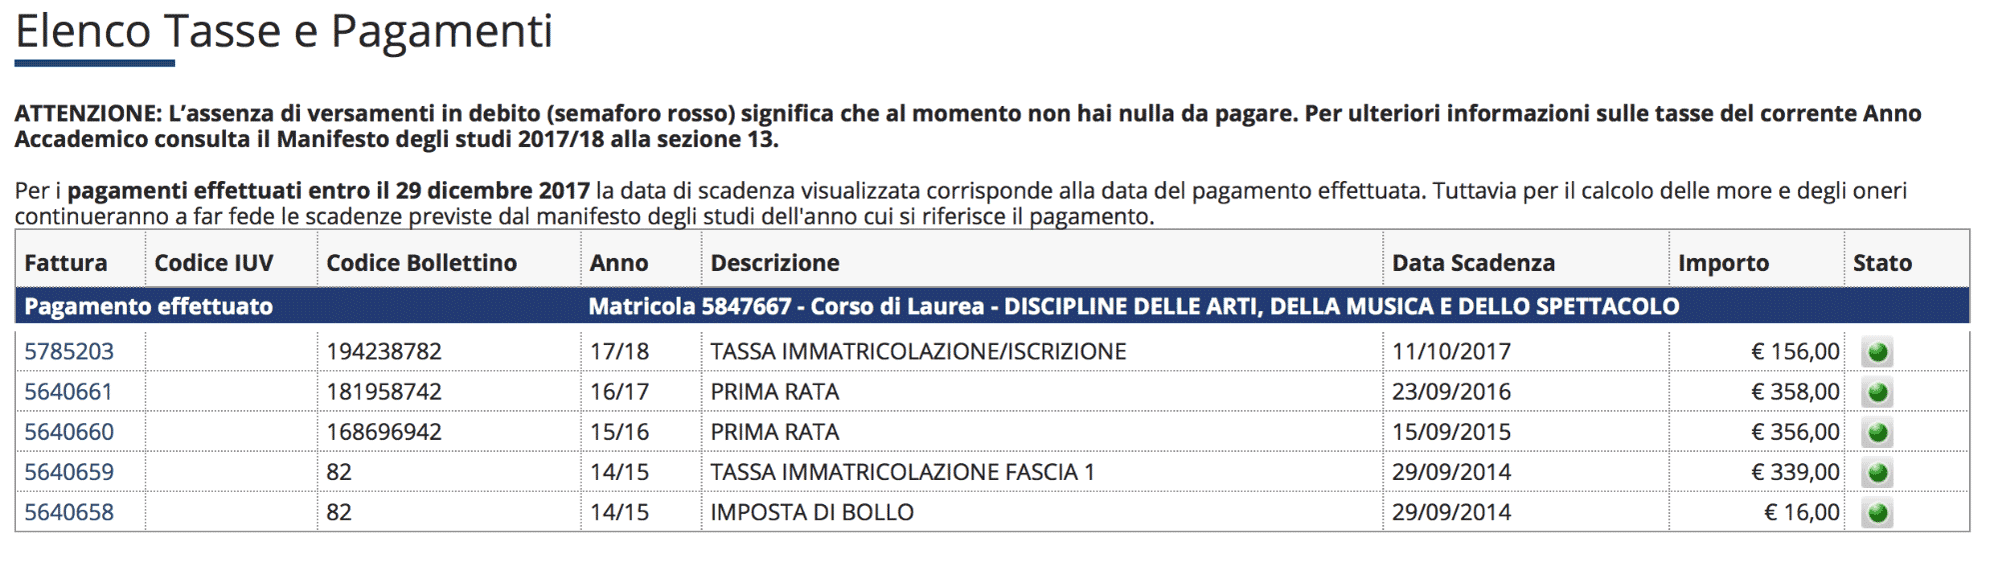 Моя страница на сайте университета с информацией об уплаченных налогах. Три предыдущих года я платила примерно по 350€, а в этом году сумма уменьшилась до 156€